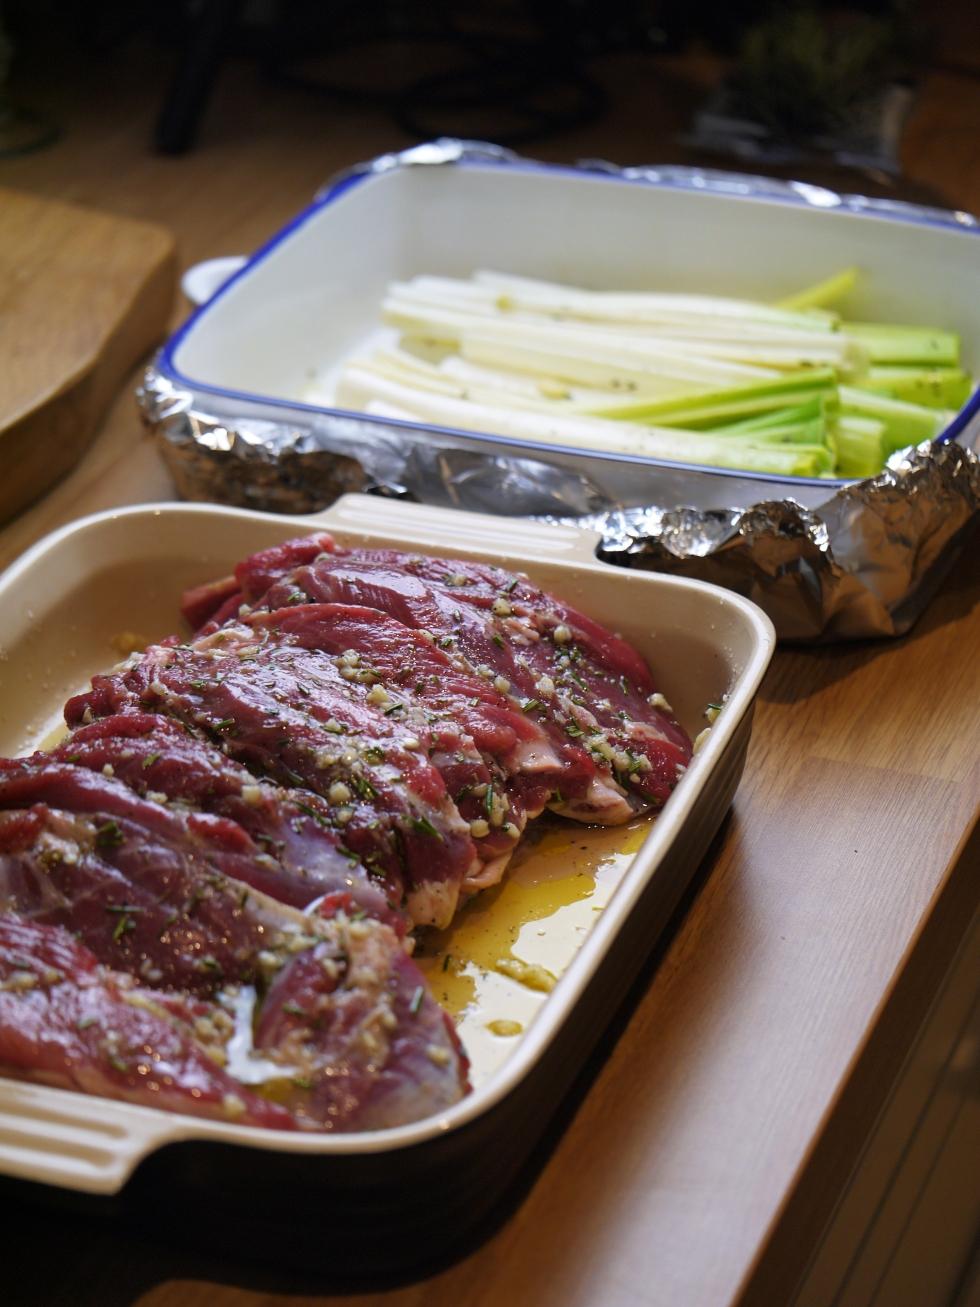 butterflied-lamb-on-the-big-joe-11-www-butterwouldntmelt-com